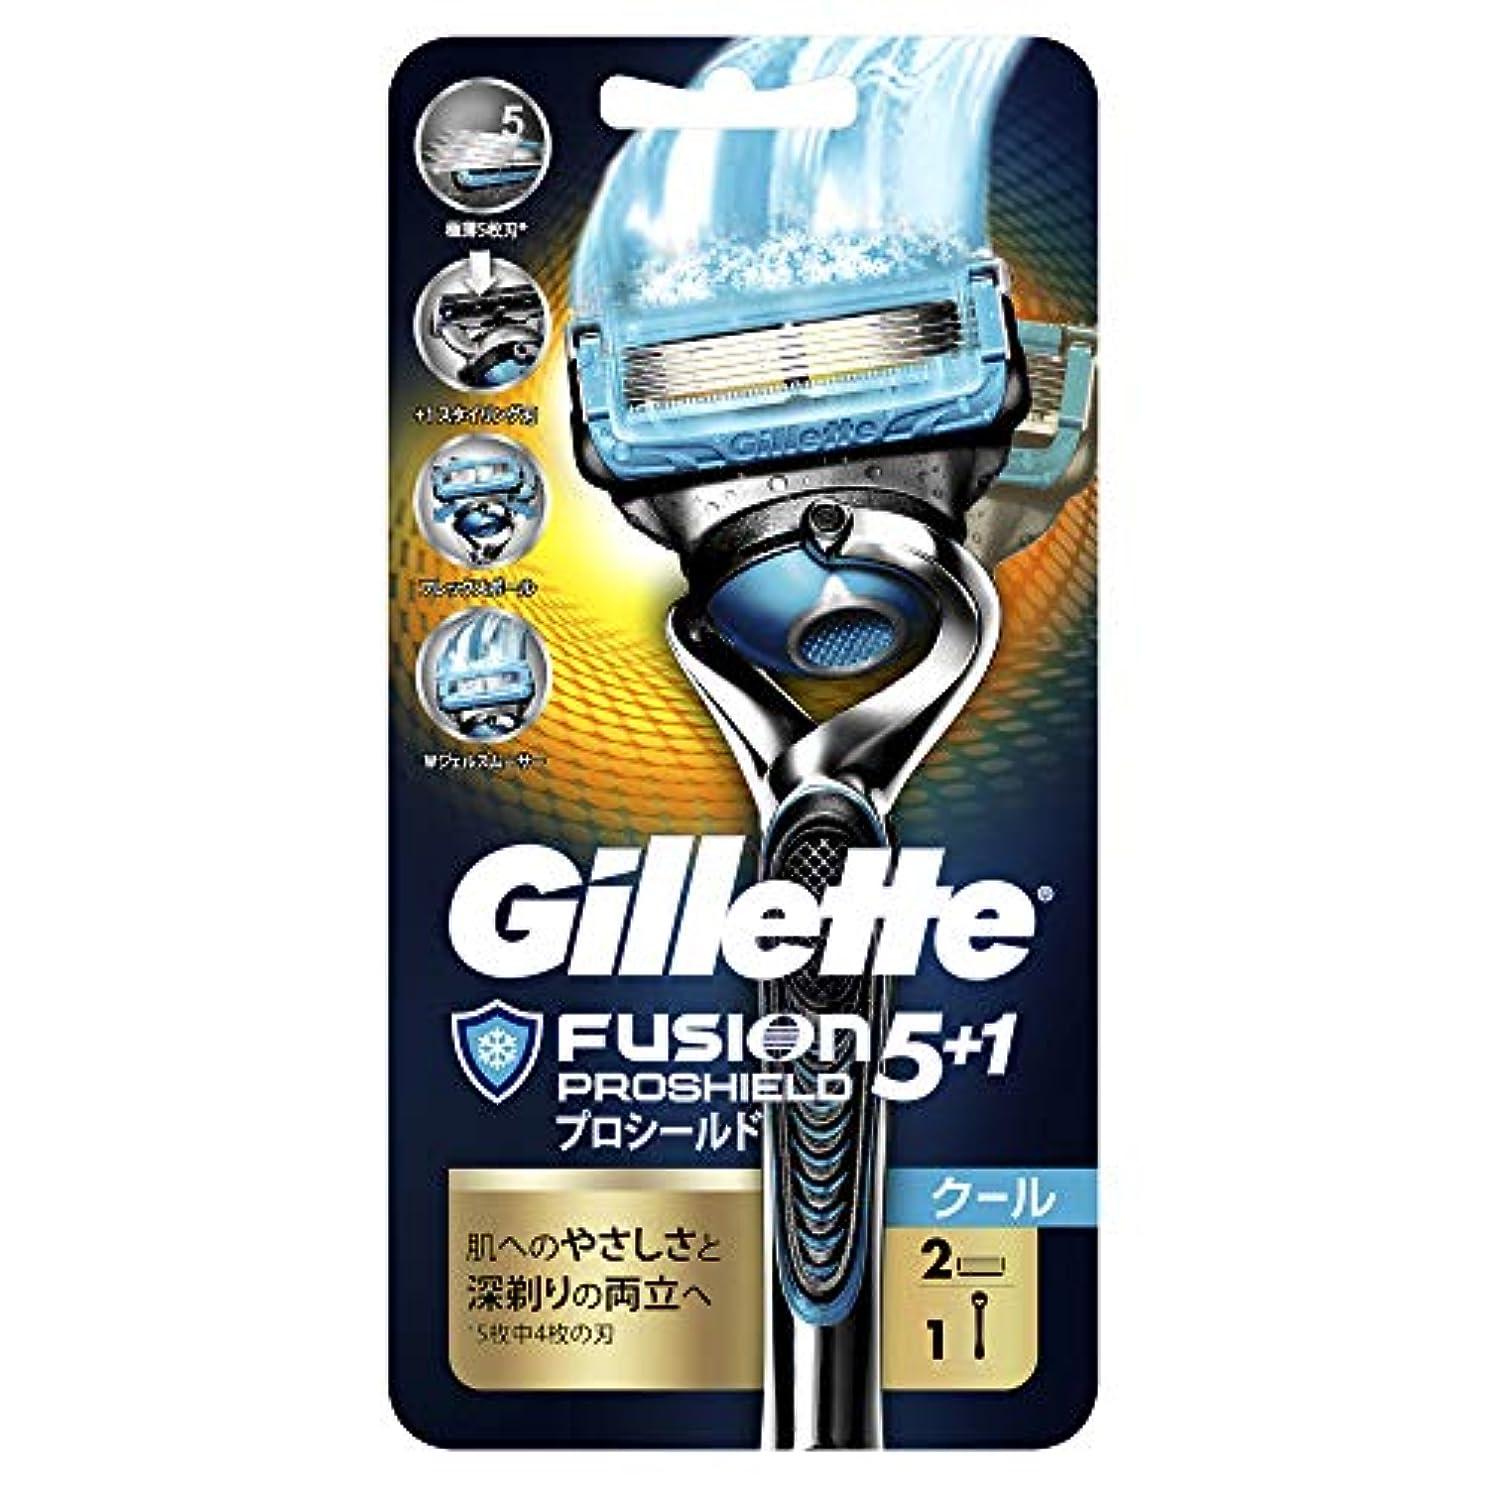 驚き援助する居心地の良いジレット 髭剃り フュージョン5+1 プロシールド クール 本体 替刃1個付